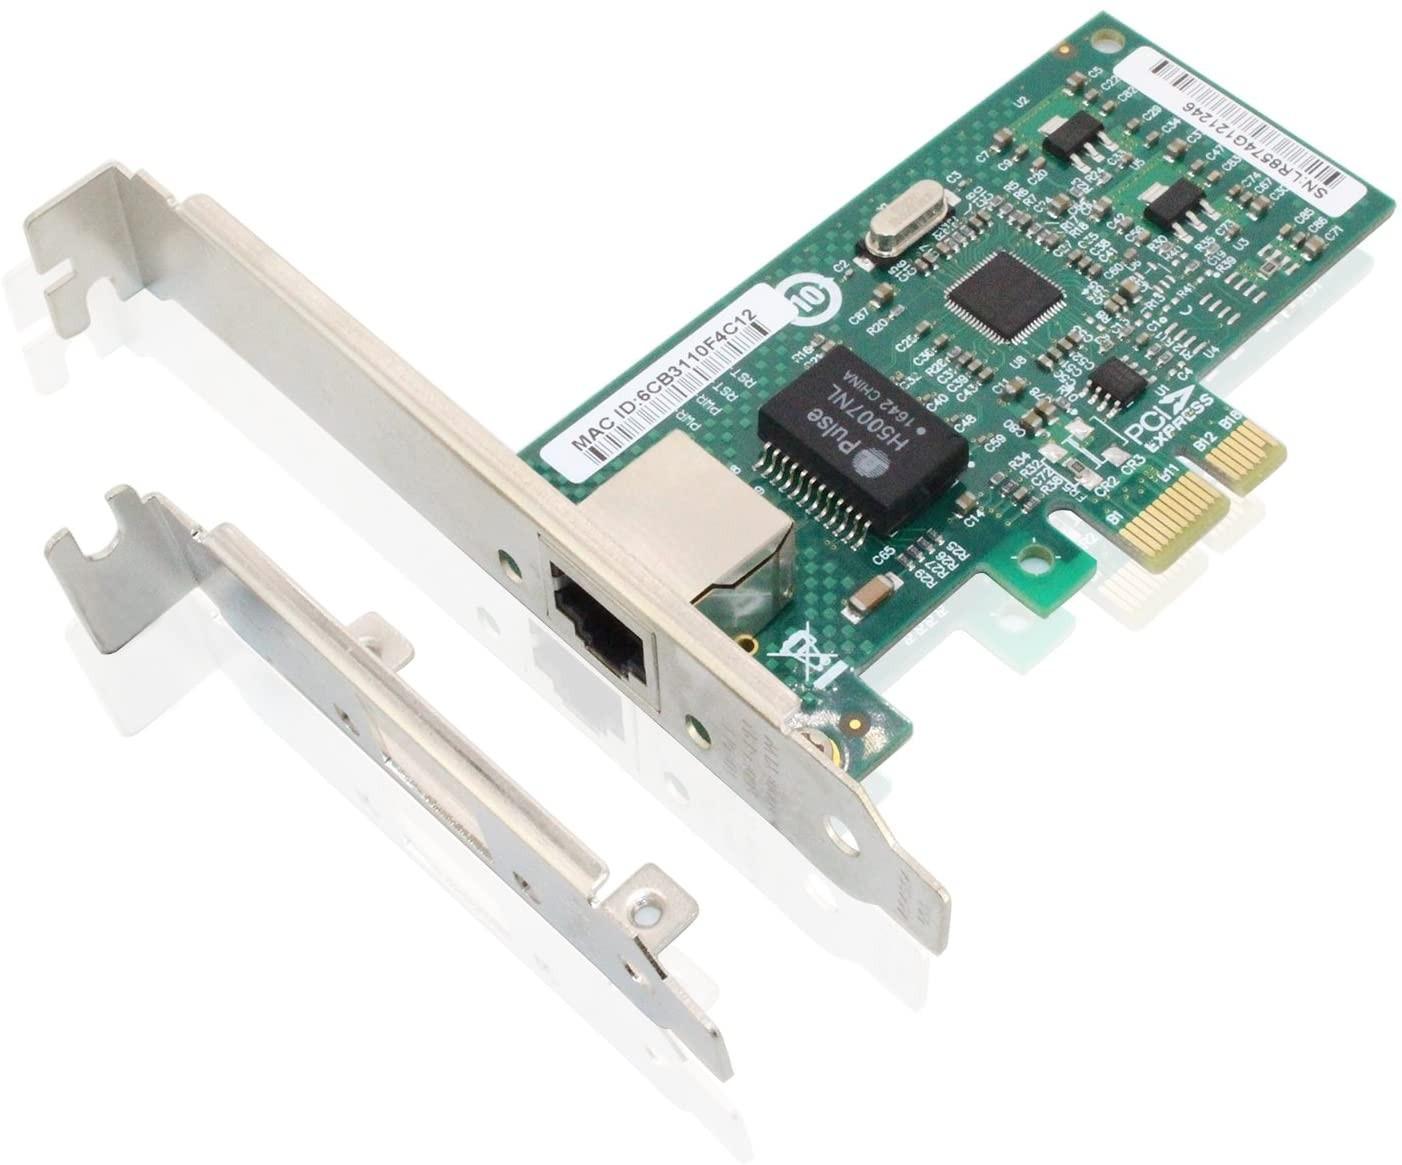 1.25G Network Card, Single RJ45 port, X1 Lane, Intel 82574L